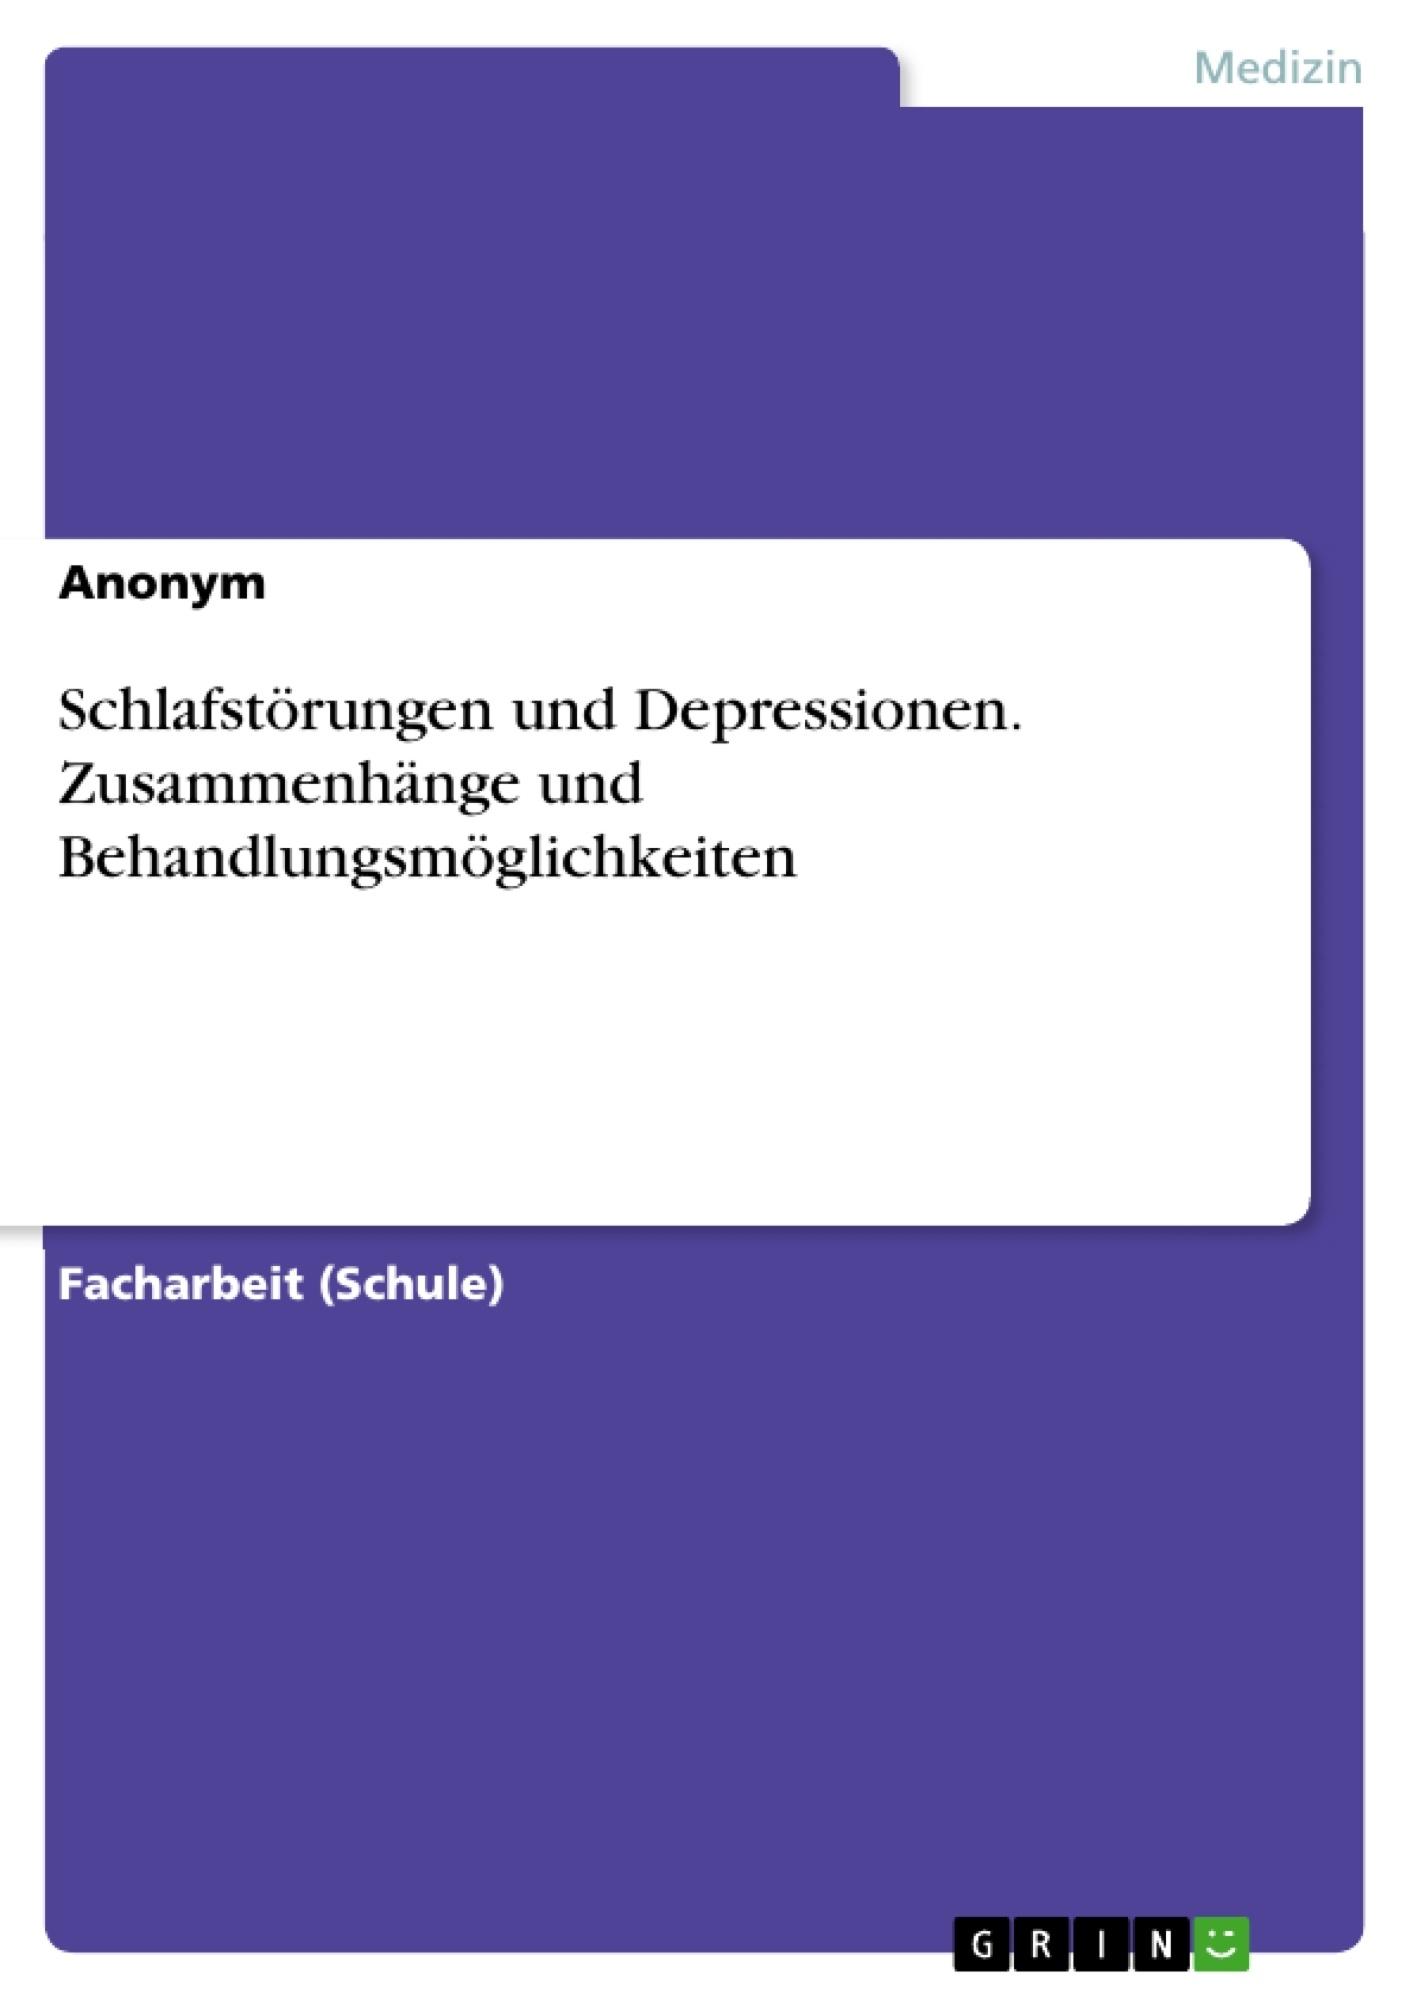 Titel: Schlafstörungen und Depressionen. Zusammenhänge und Behandlungsmöglichkeiten